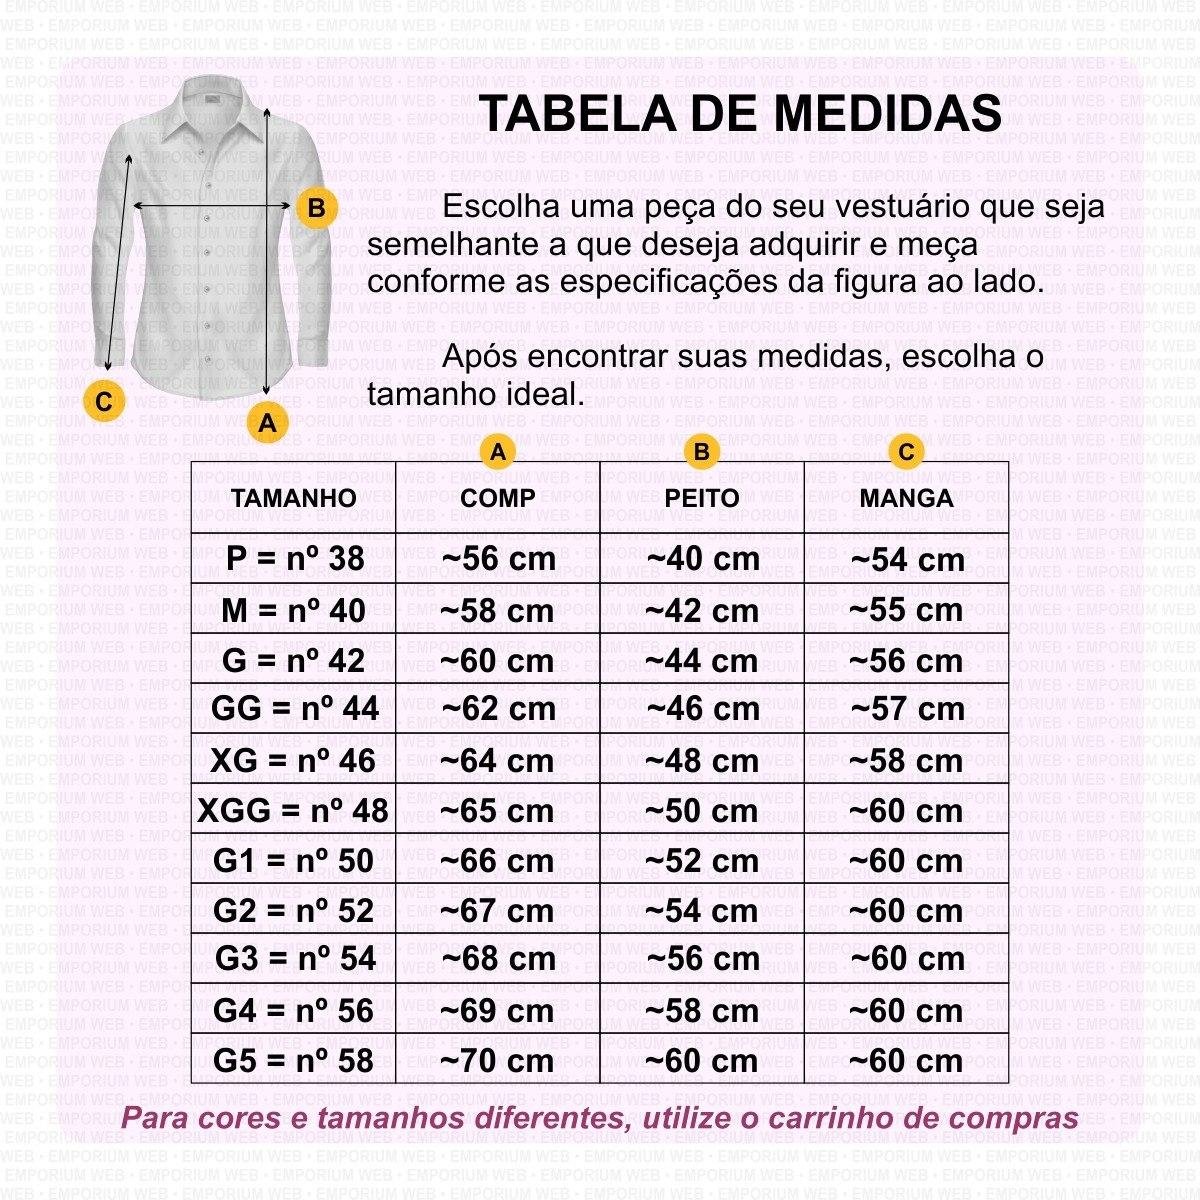 fde564e0c5 camisa jeans feminina plus size manga longa moda casual top. Carregando zoom...  camisa manga longa casual. Carregando zoom.